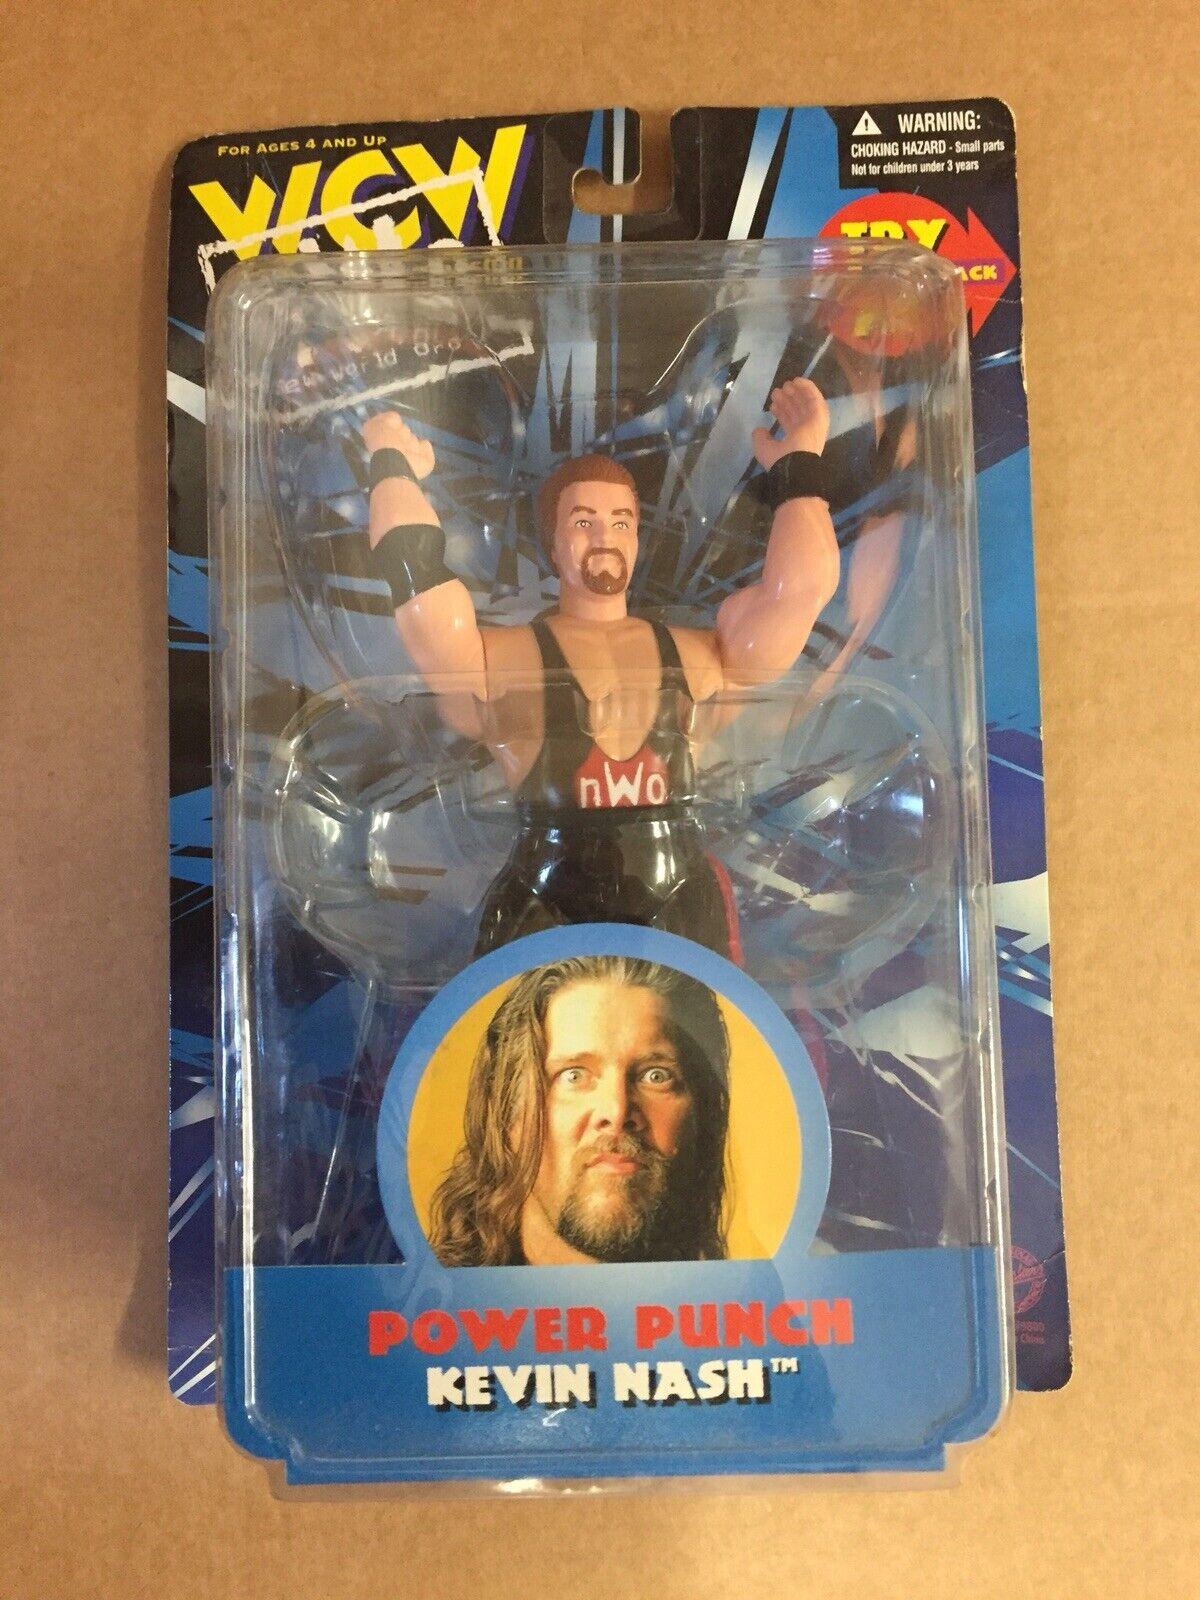 OSFTM WCW ACTION FIGURE MOC KEVIN NASH WRESTLING ACTION FIGURE wwf wwe Mattel